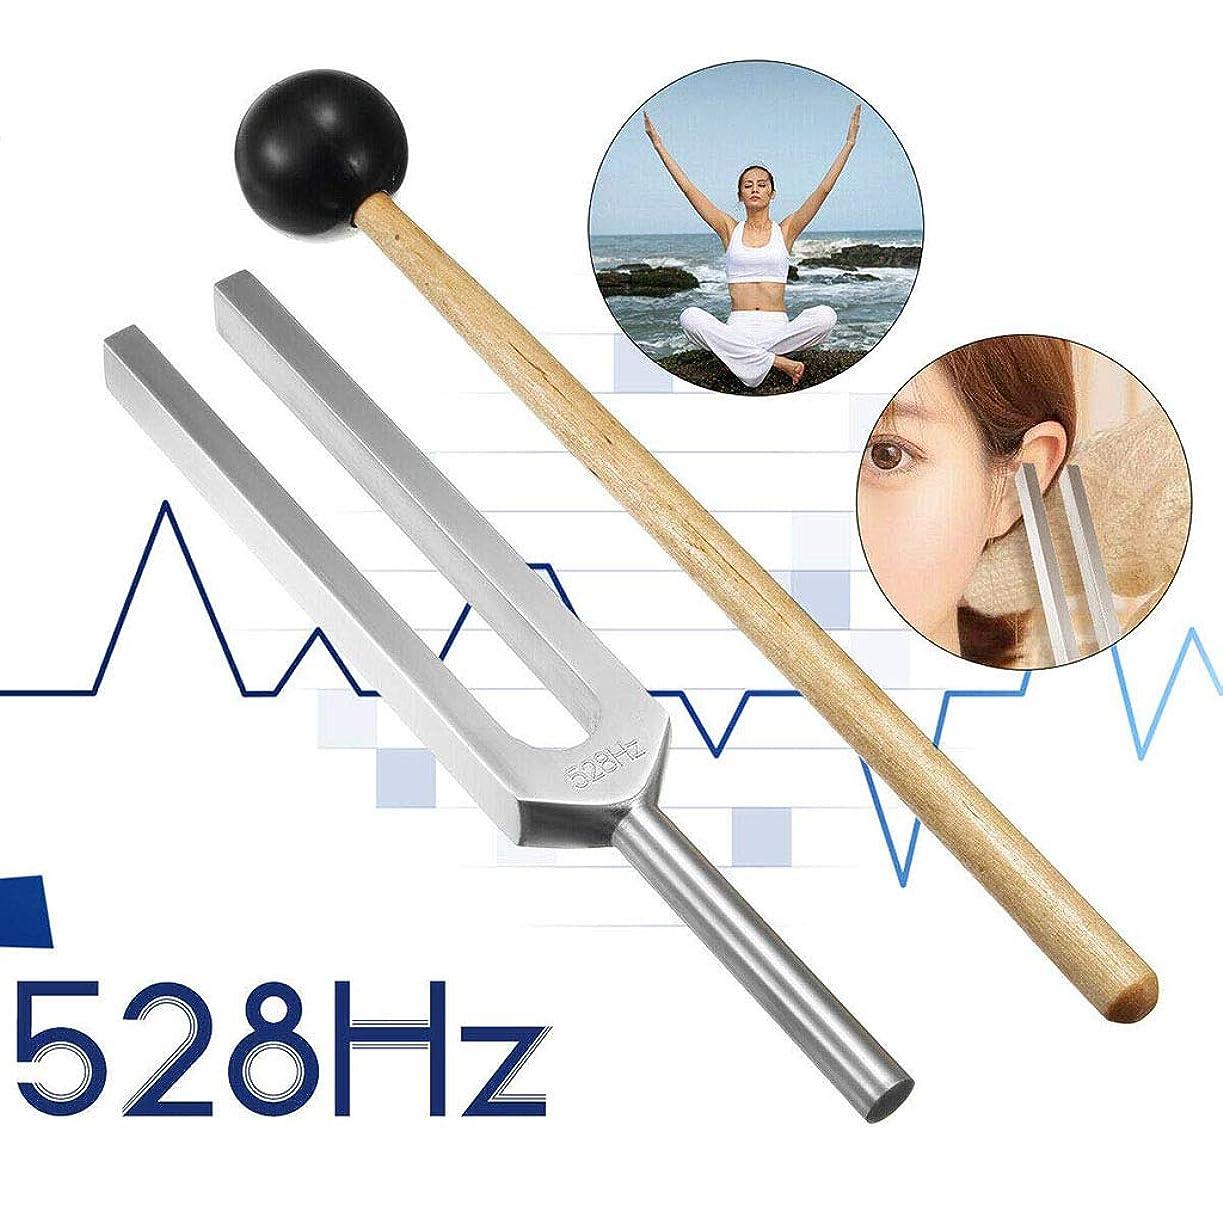 時制熟した壁528 Hz「愛の周波数」奇跡のヒーリングセット周波数音叉